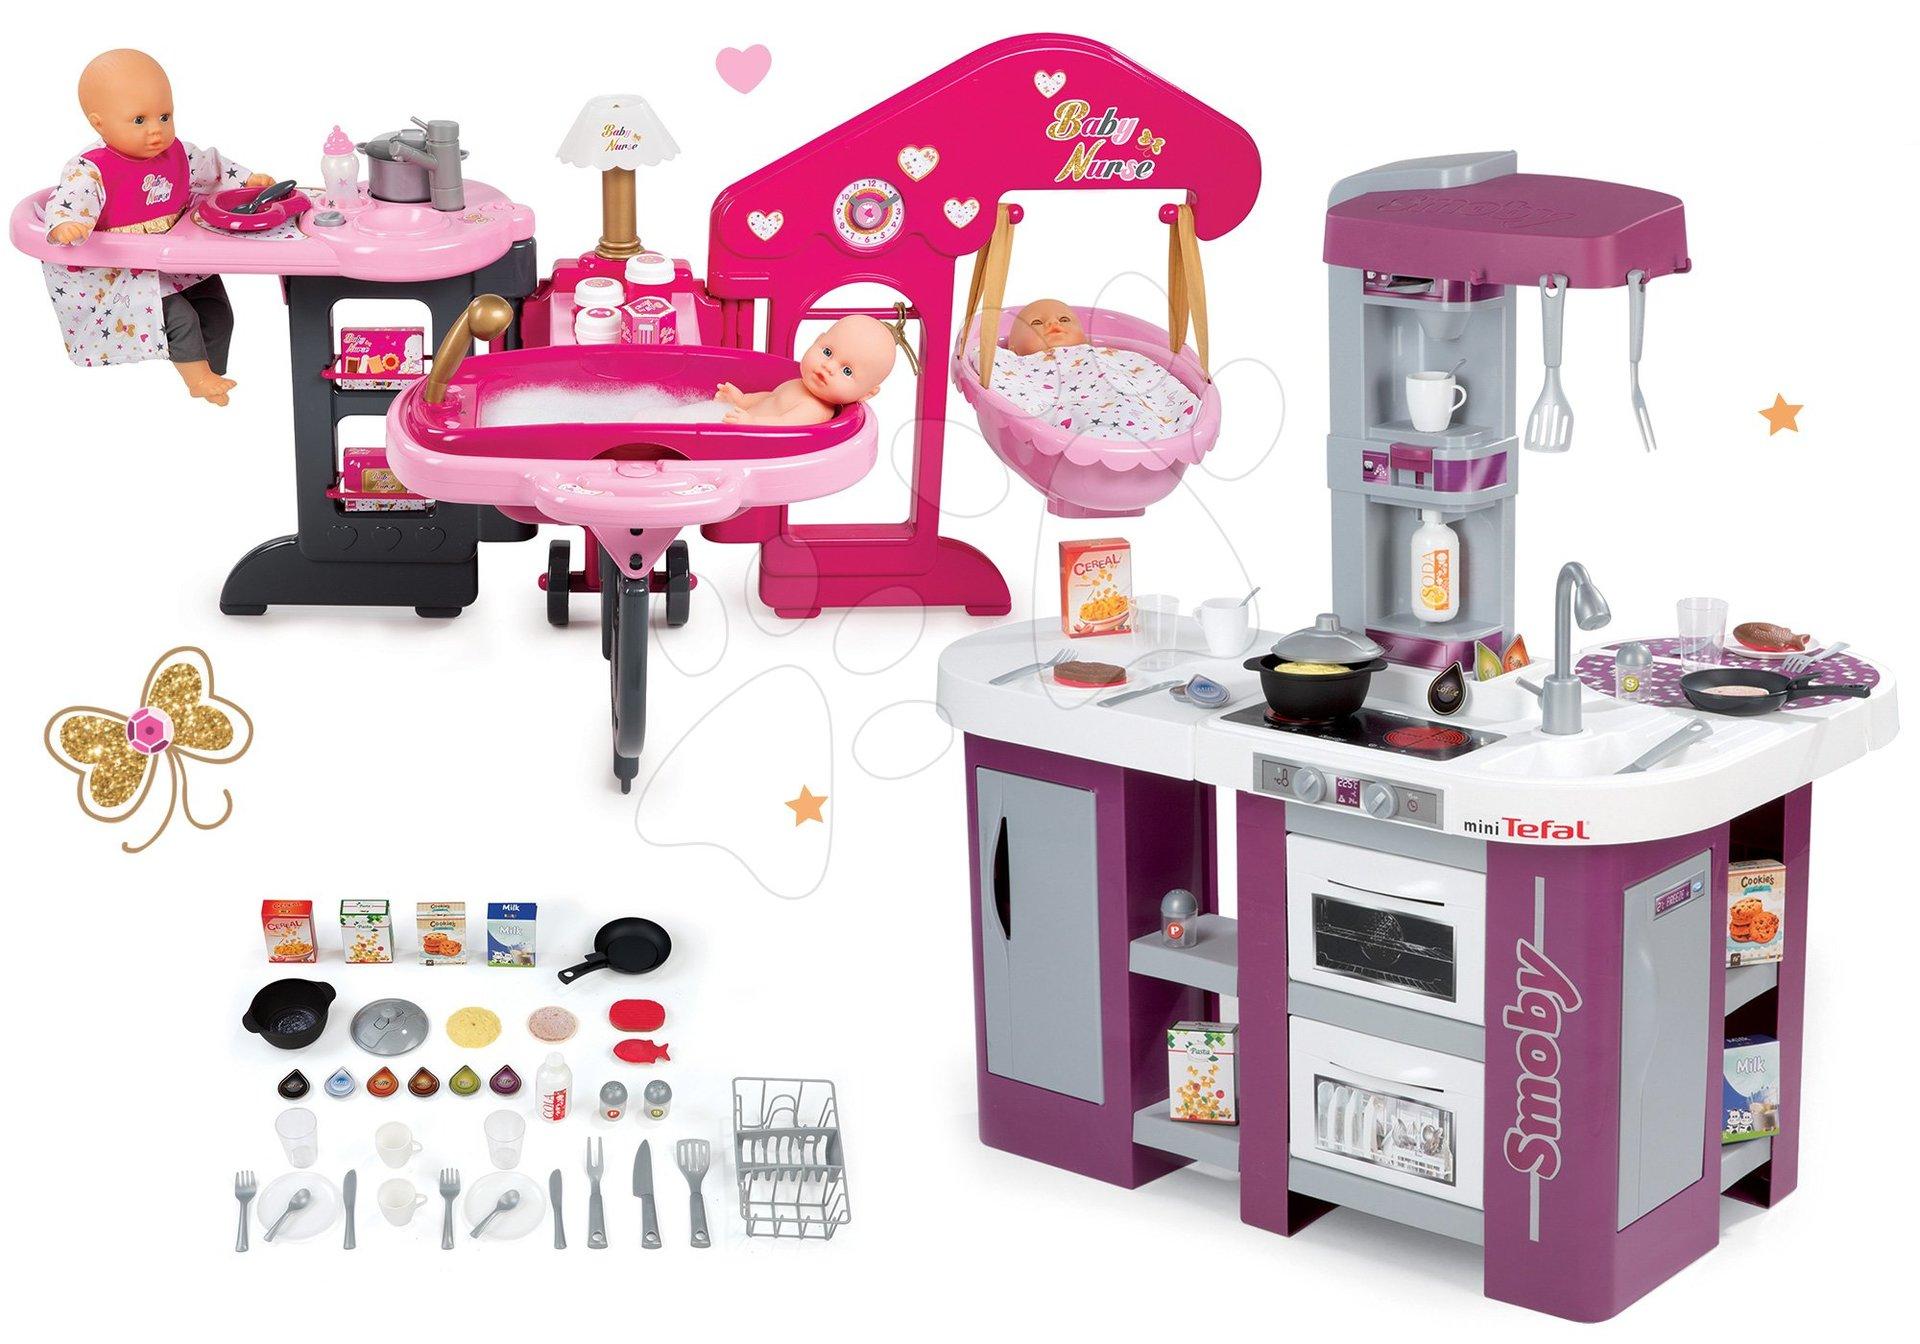 Set kuchyňka Tefal Studio XL Smoby s myčkou nádobí a lednicí a pečovatelské centrum pro panenku